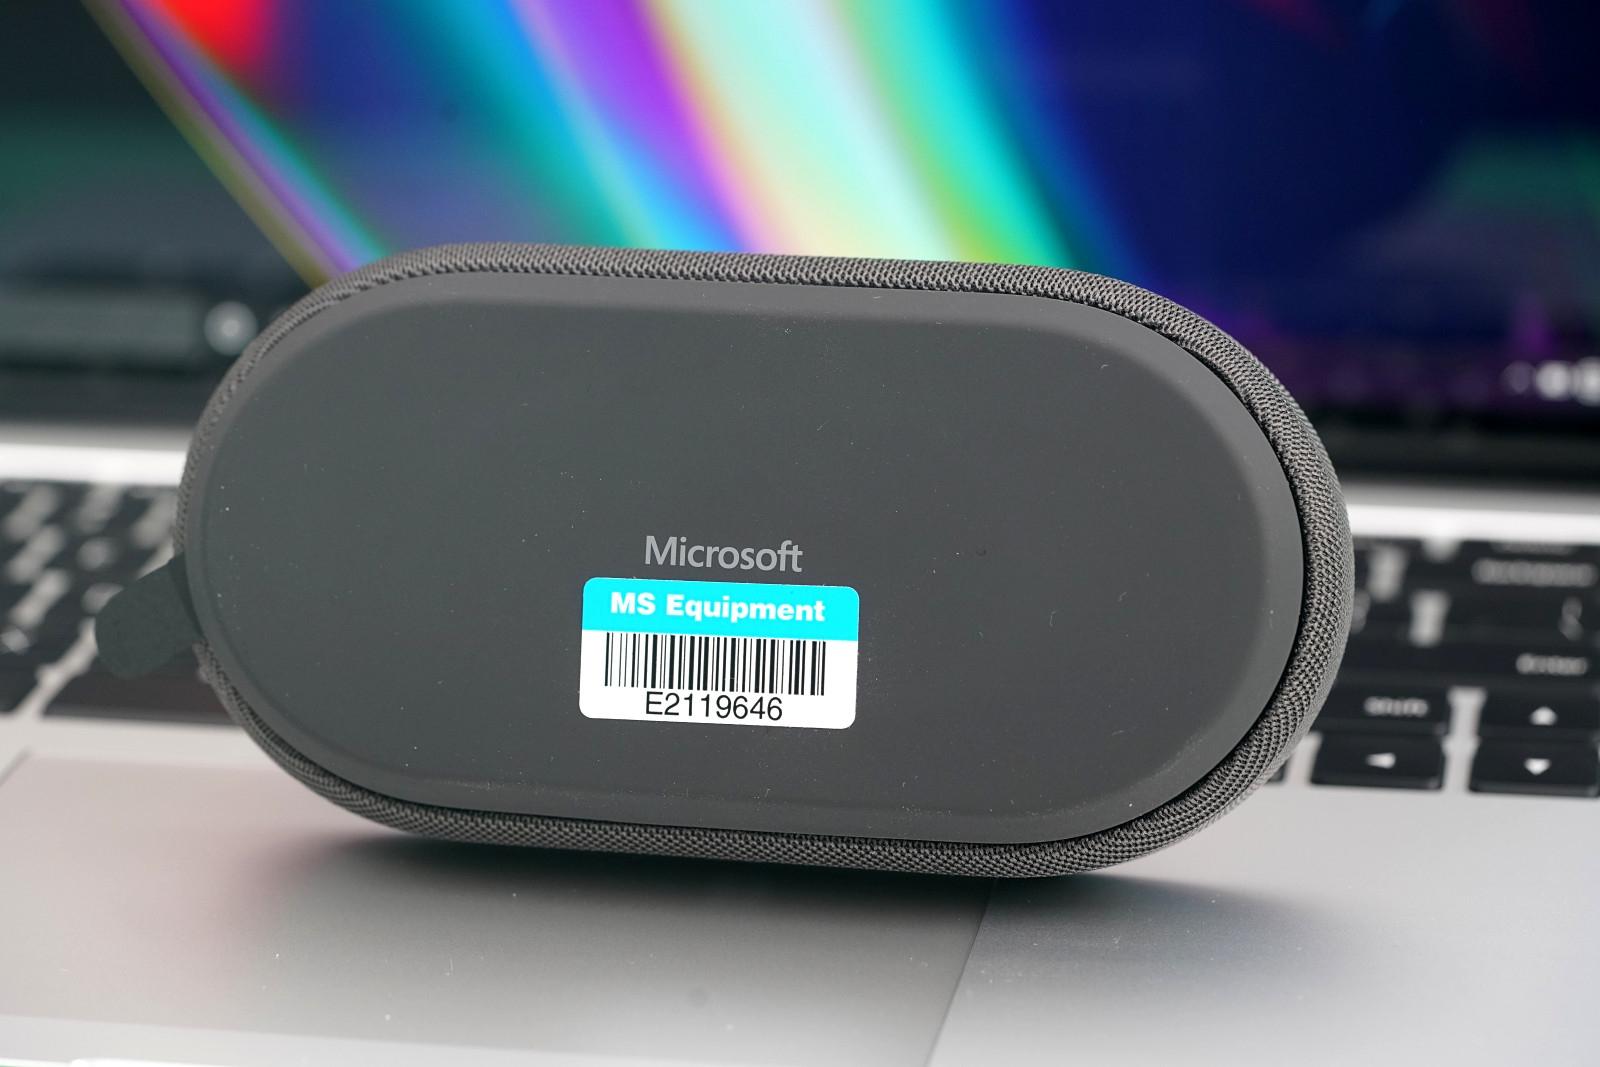 線材巧妙隱藏 微軟USB-C會議全向麥克風圖賞